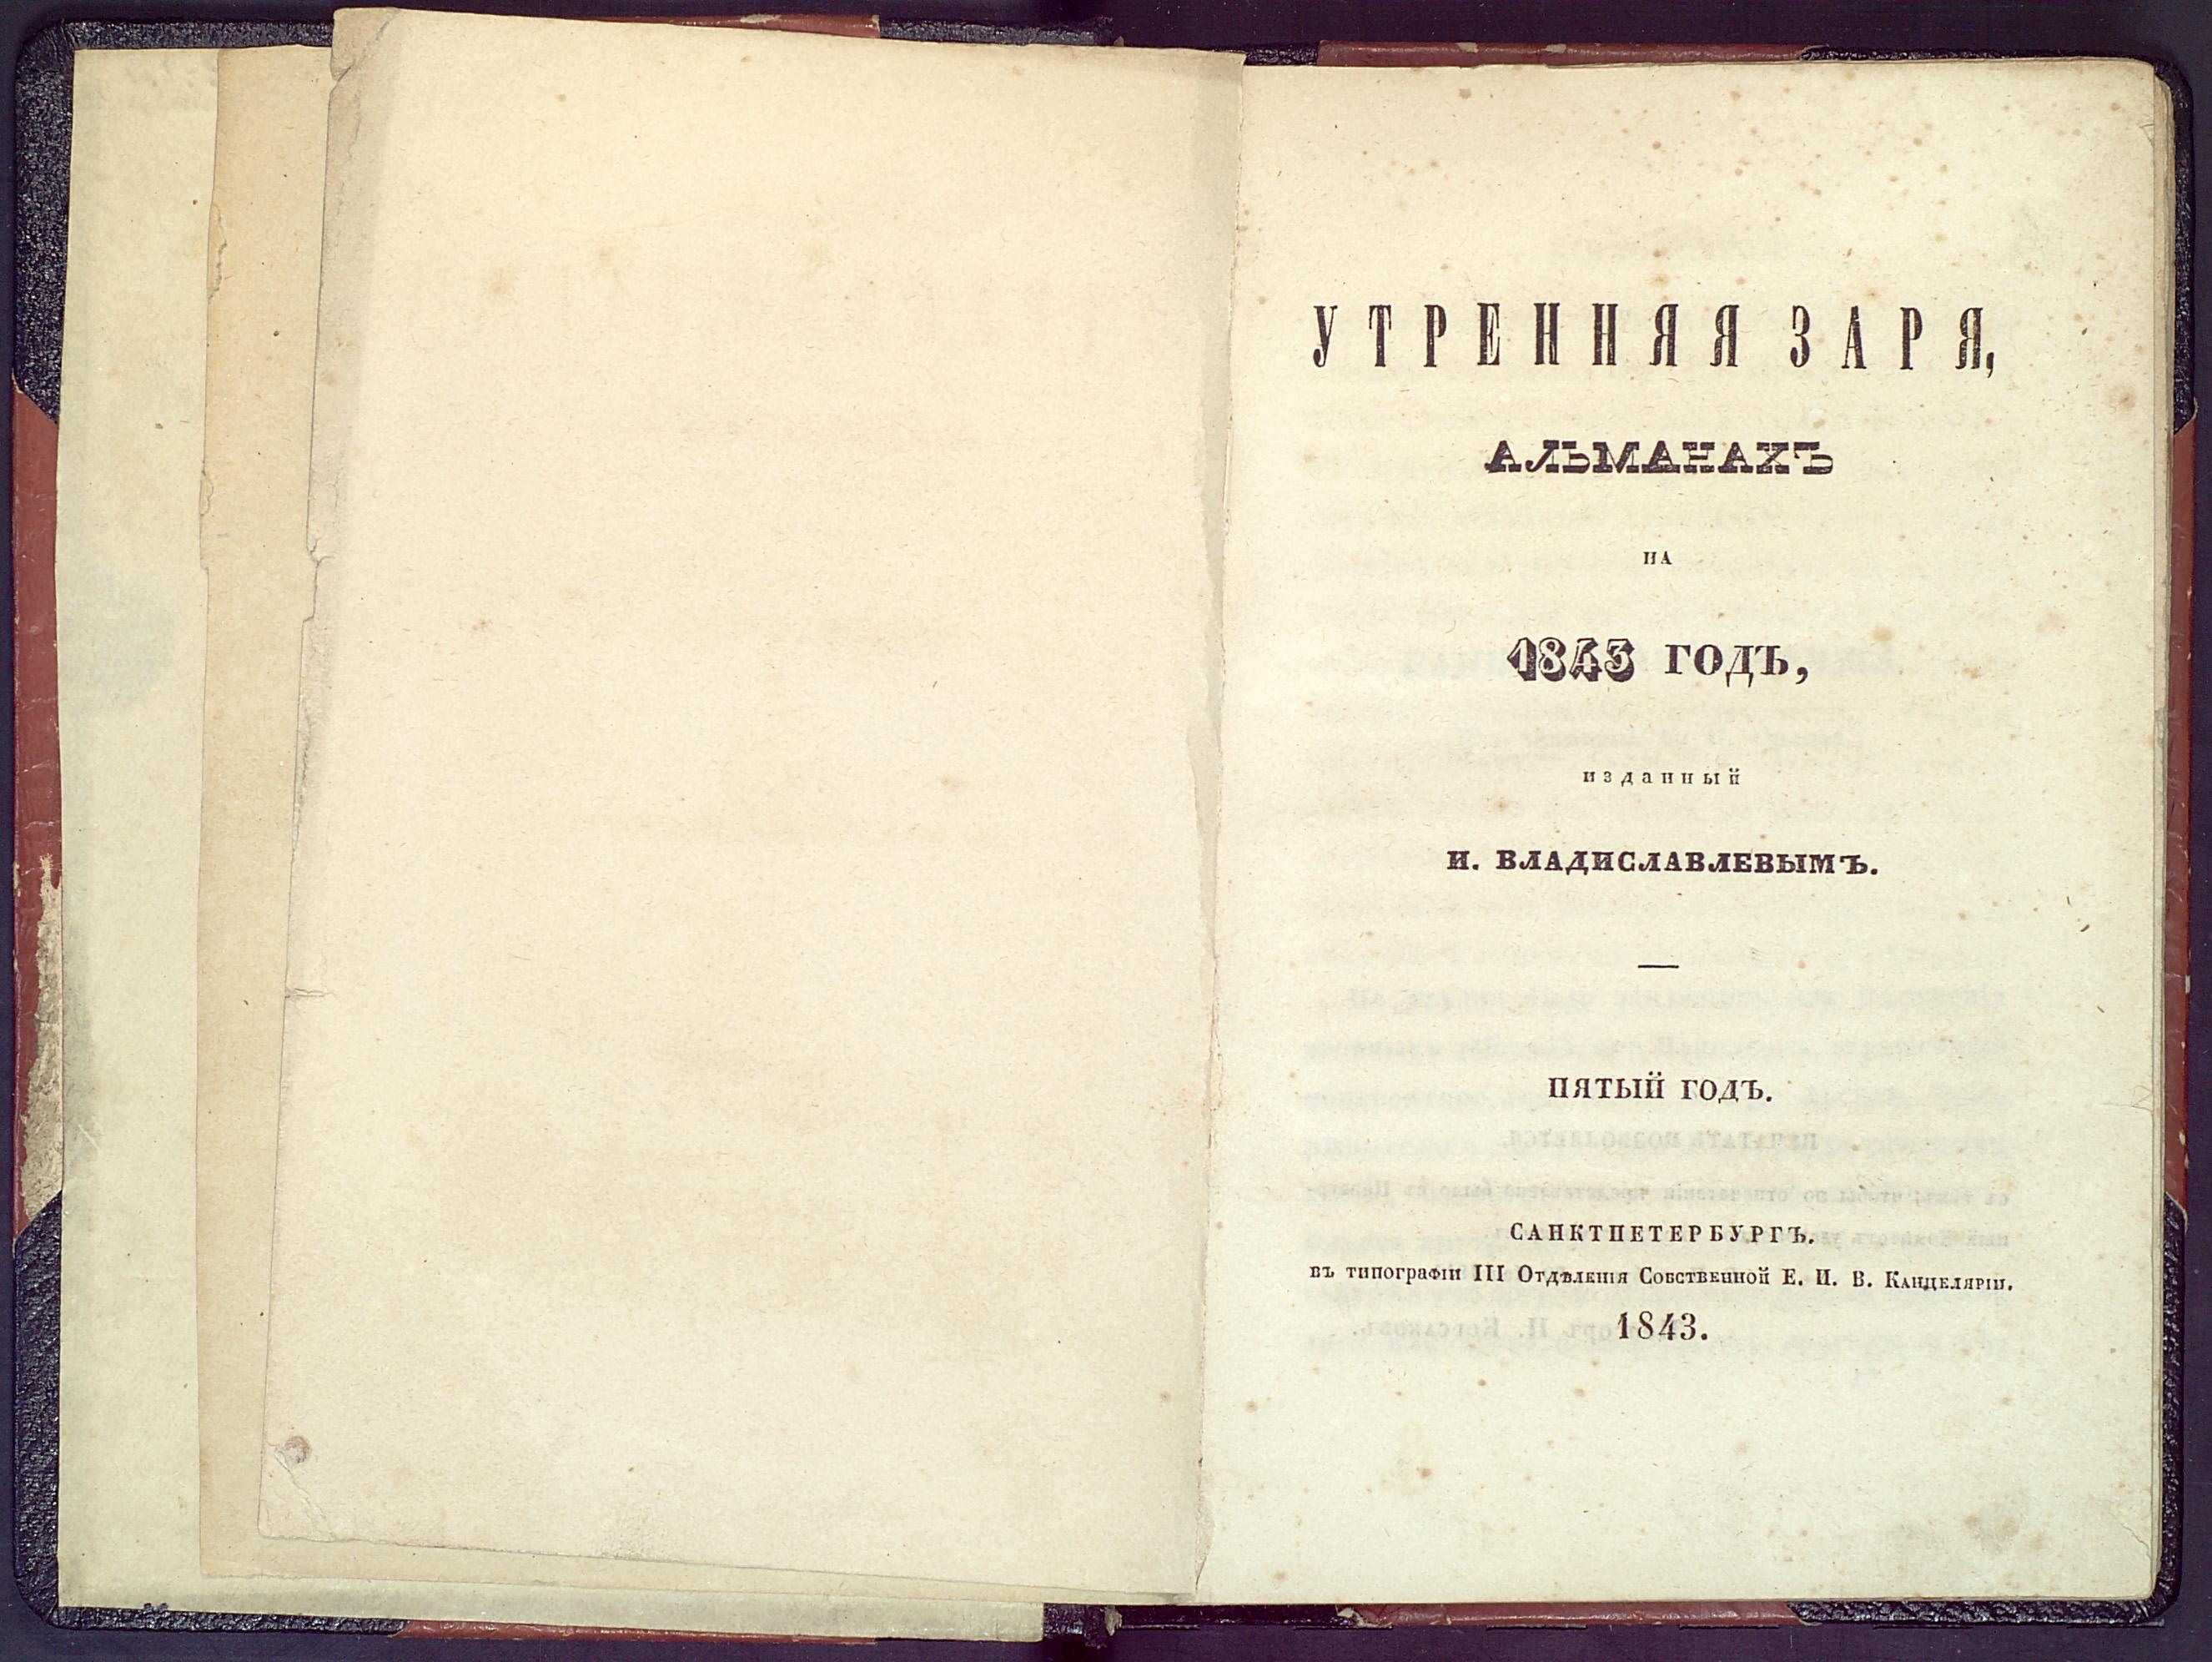 ЛОК-1743 ТАРХАНЫ КП-3566  Книга Утренняя заря. Альманах на 1843 год._3